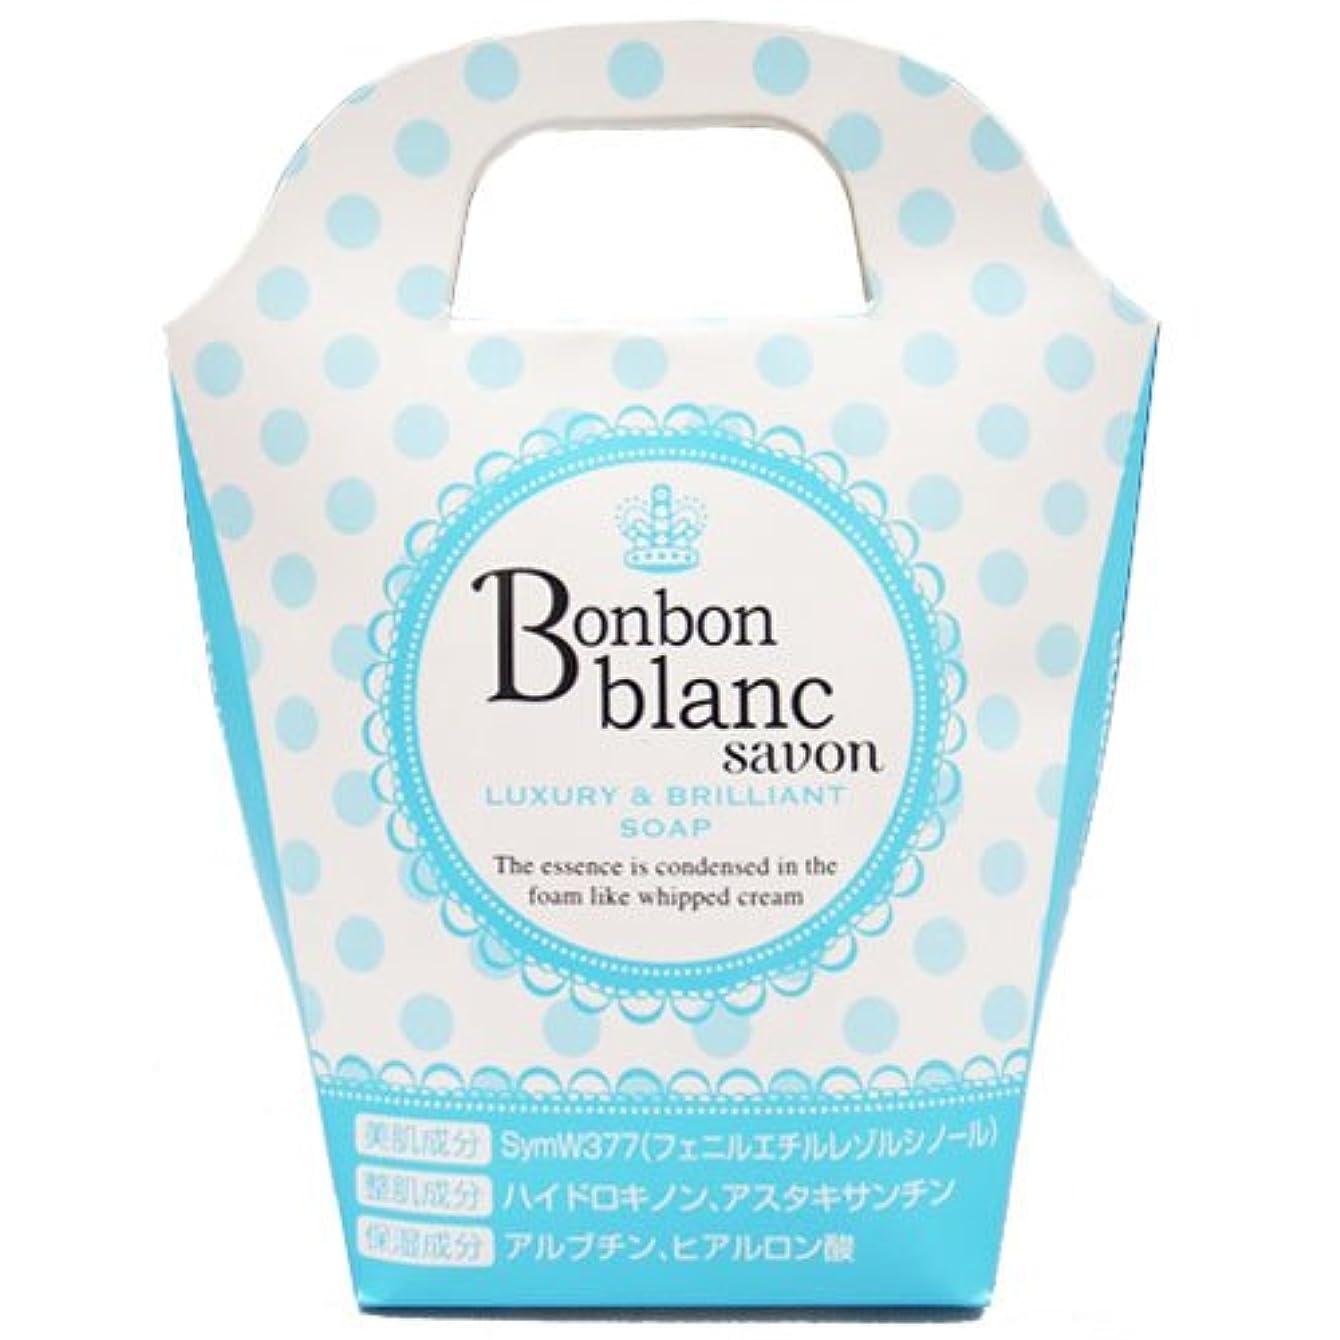 砲兵ターゲット従来のビーム  Bonbon blanc savon(ボンボンブランサボン)    25g